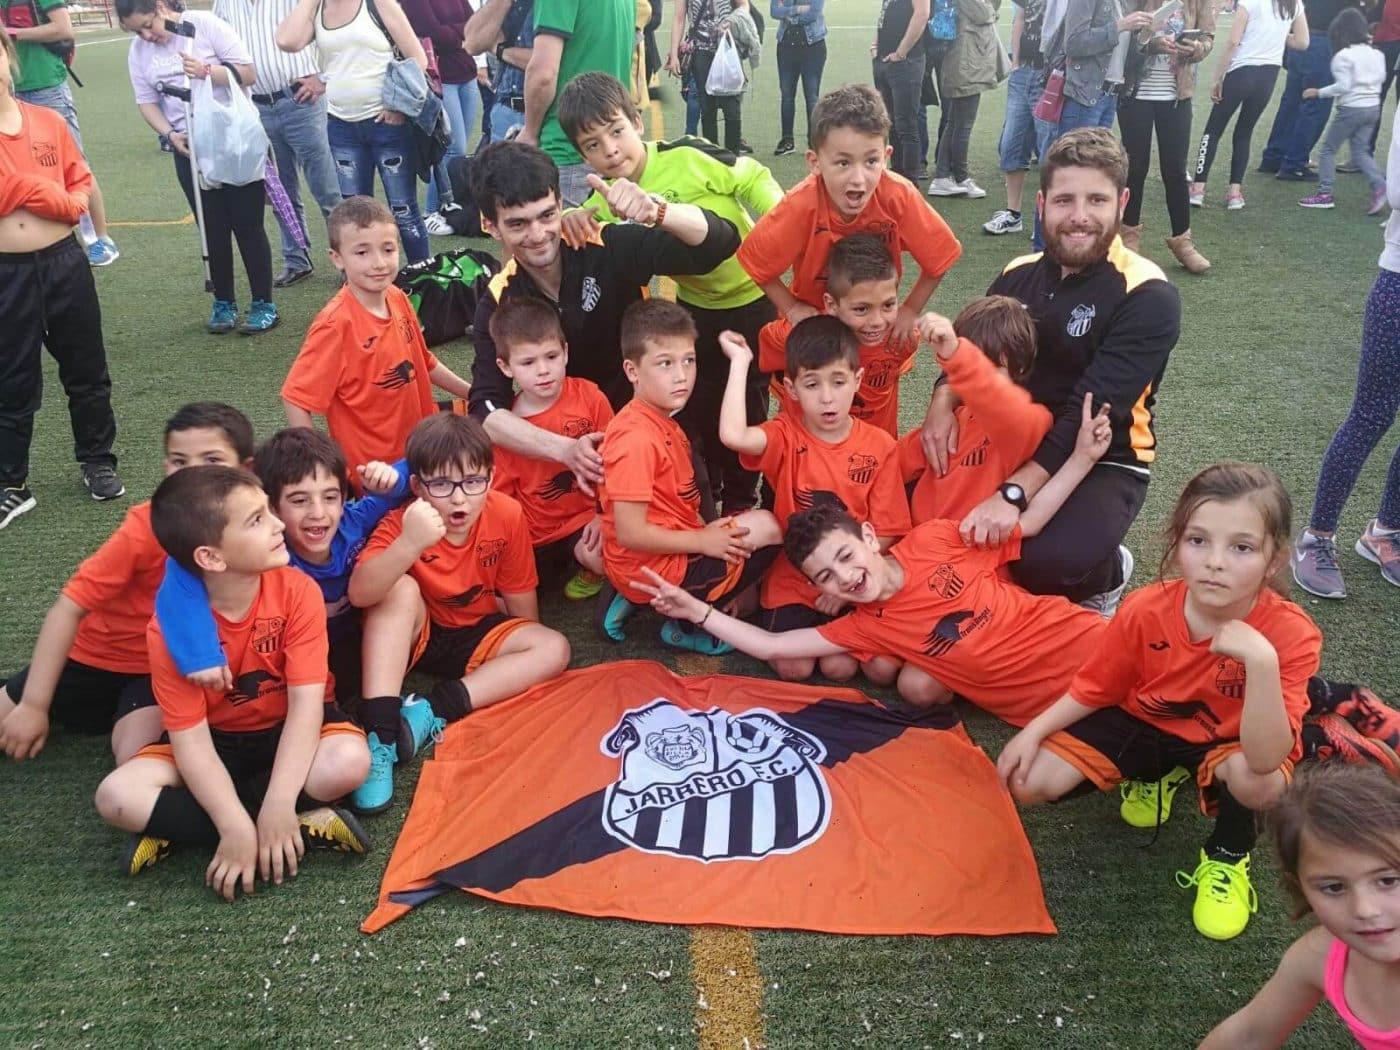 Teresianas, Galdakao, Soraluze, Valle del Ebro, La Calzada y Casco Viejo, ganadores del Torneo Naranja 2